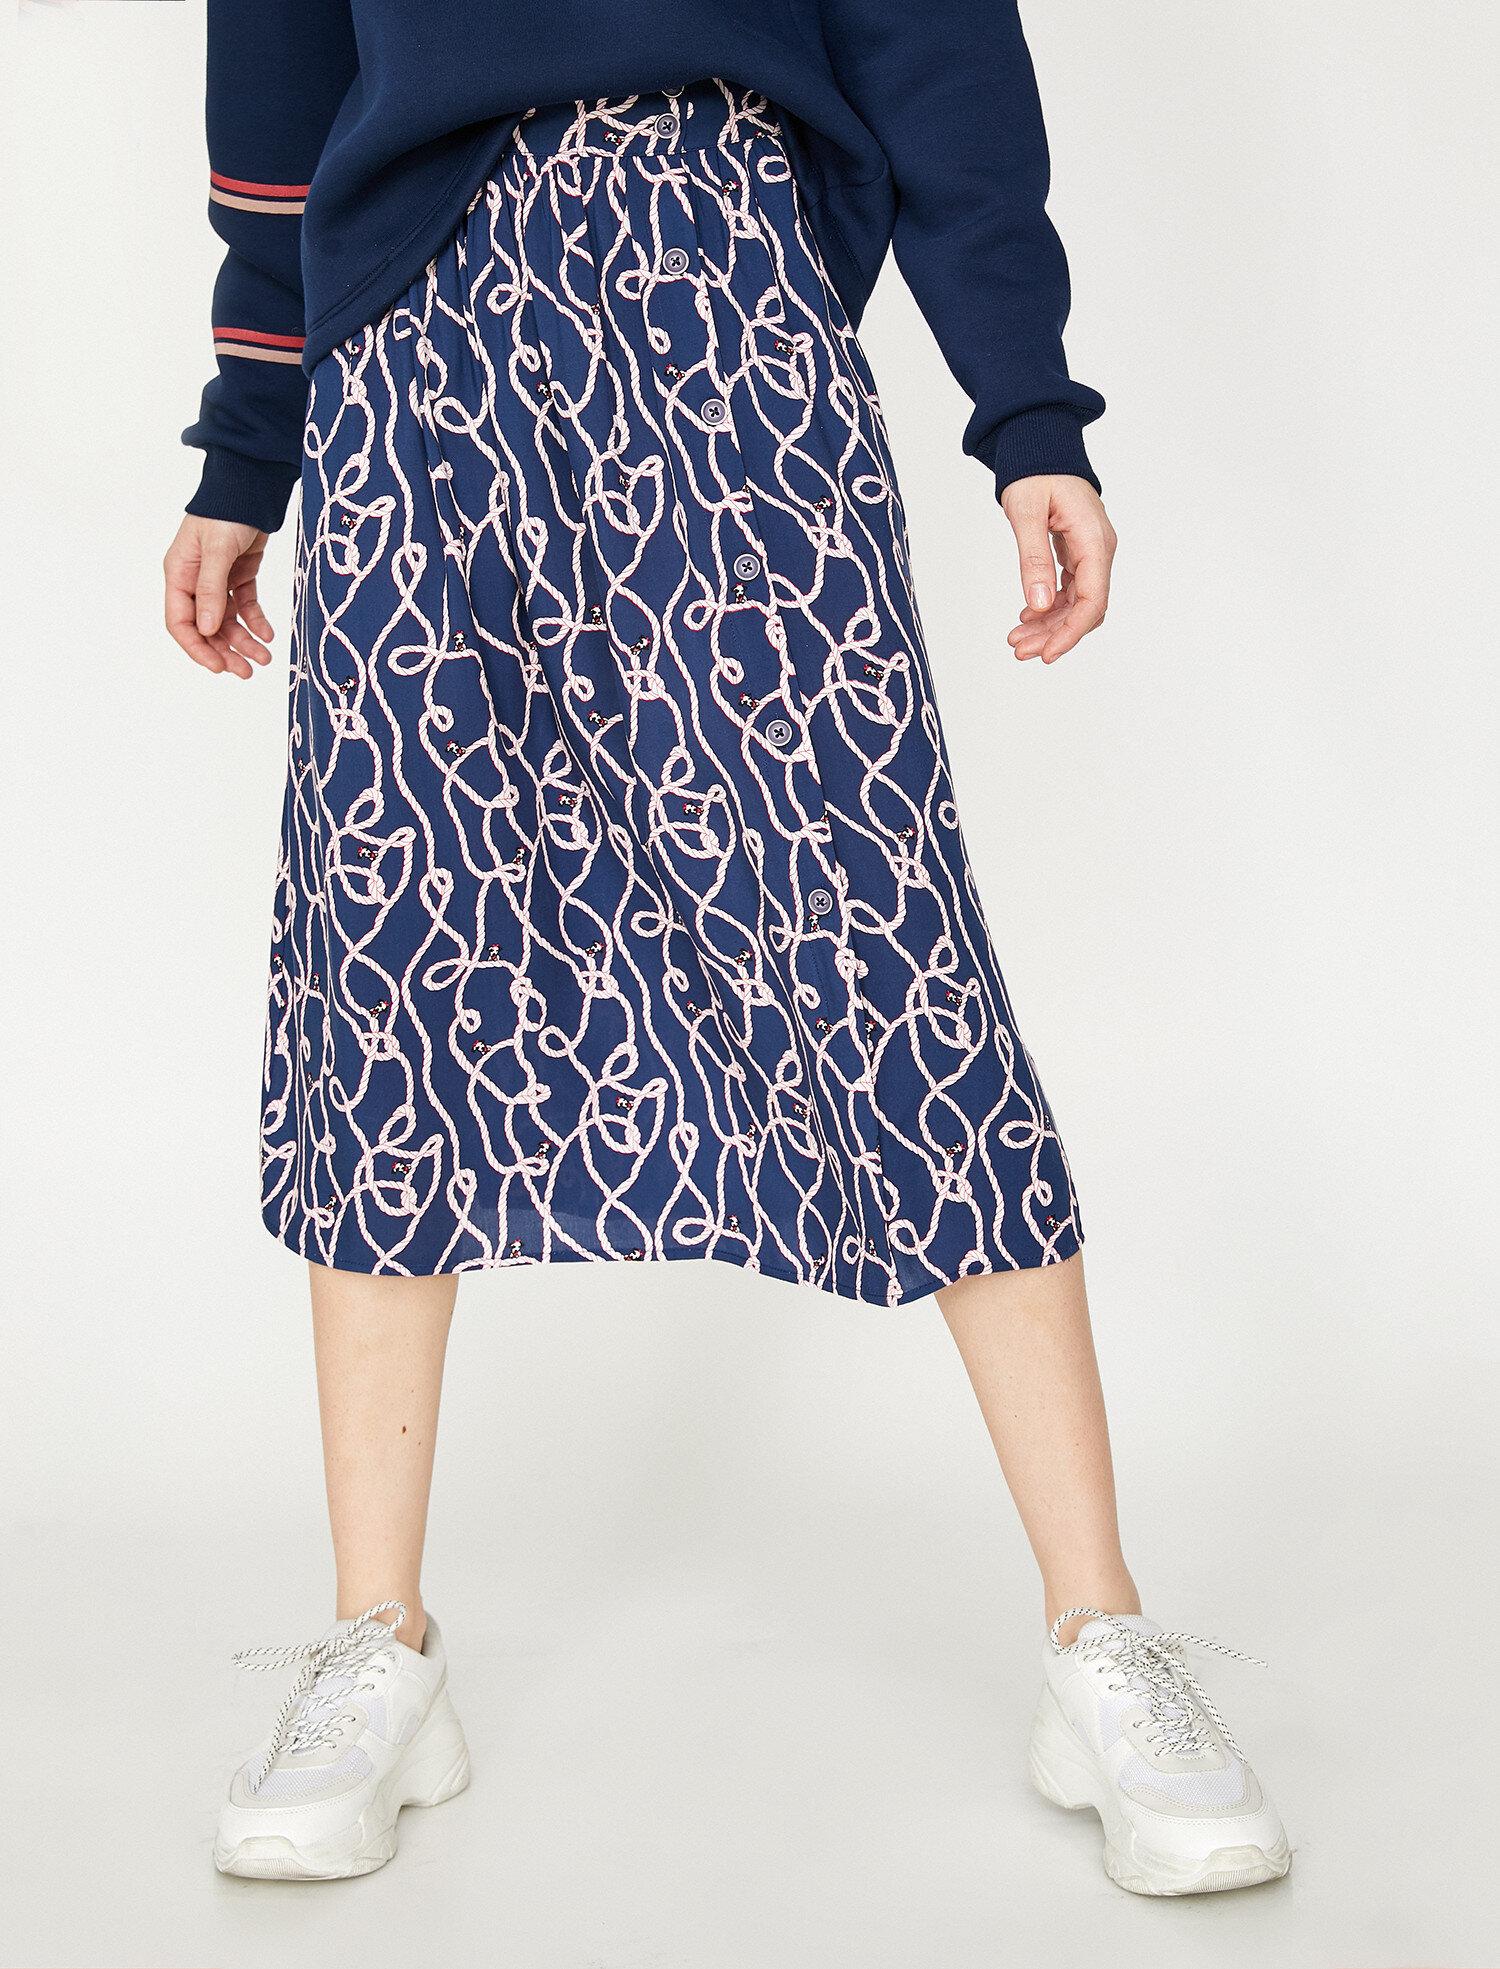 Koton Kadın Desenli Etek Lacivert Ürün Resmi